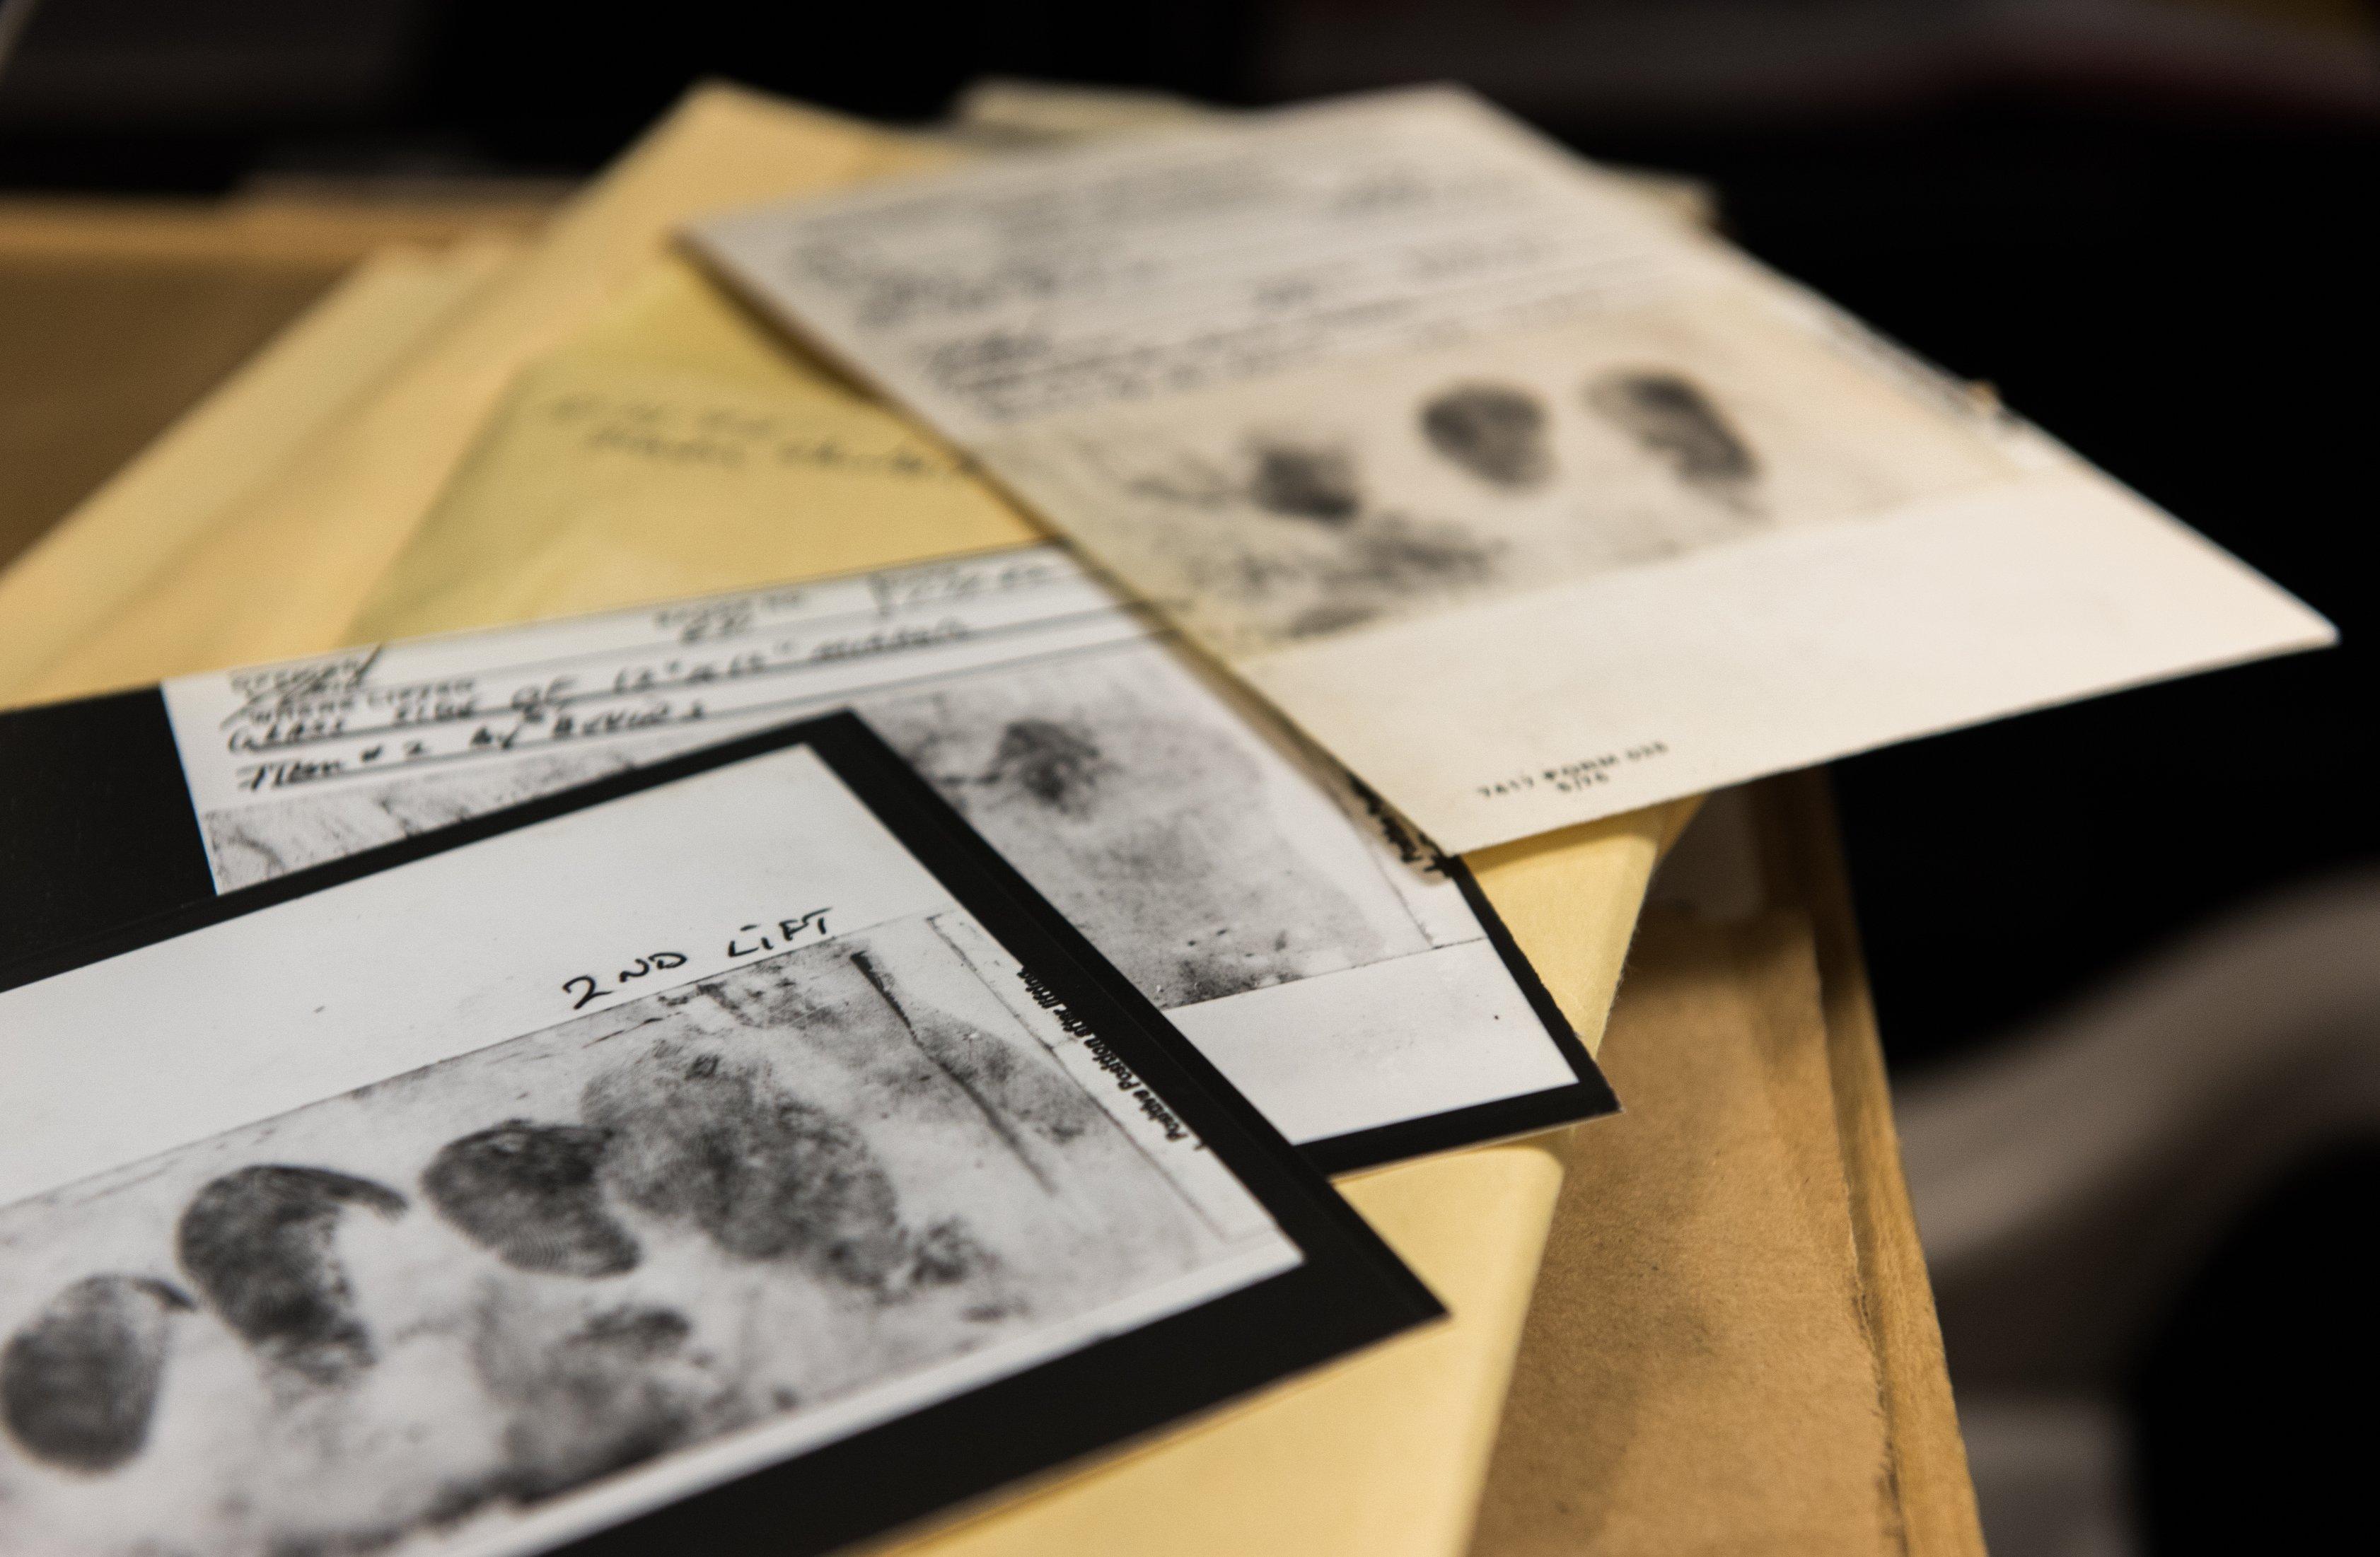 Golden State Killer suspect Joseph DeAngelo expected in court